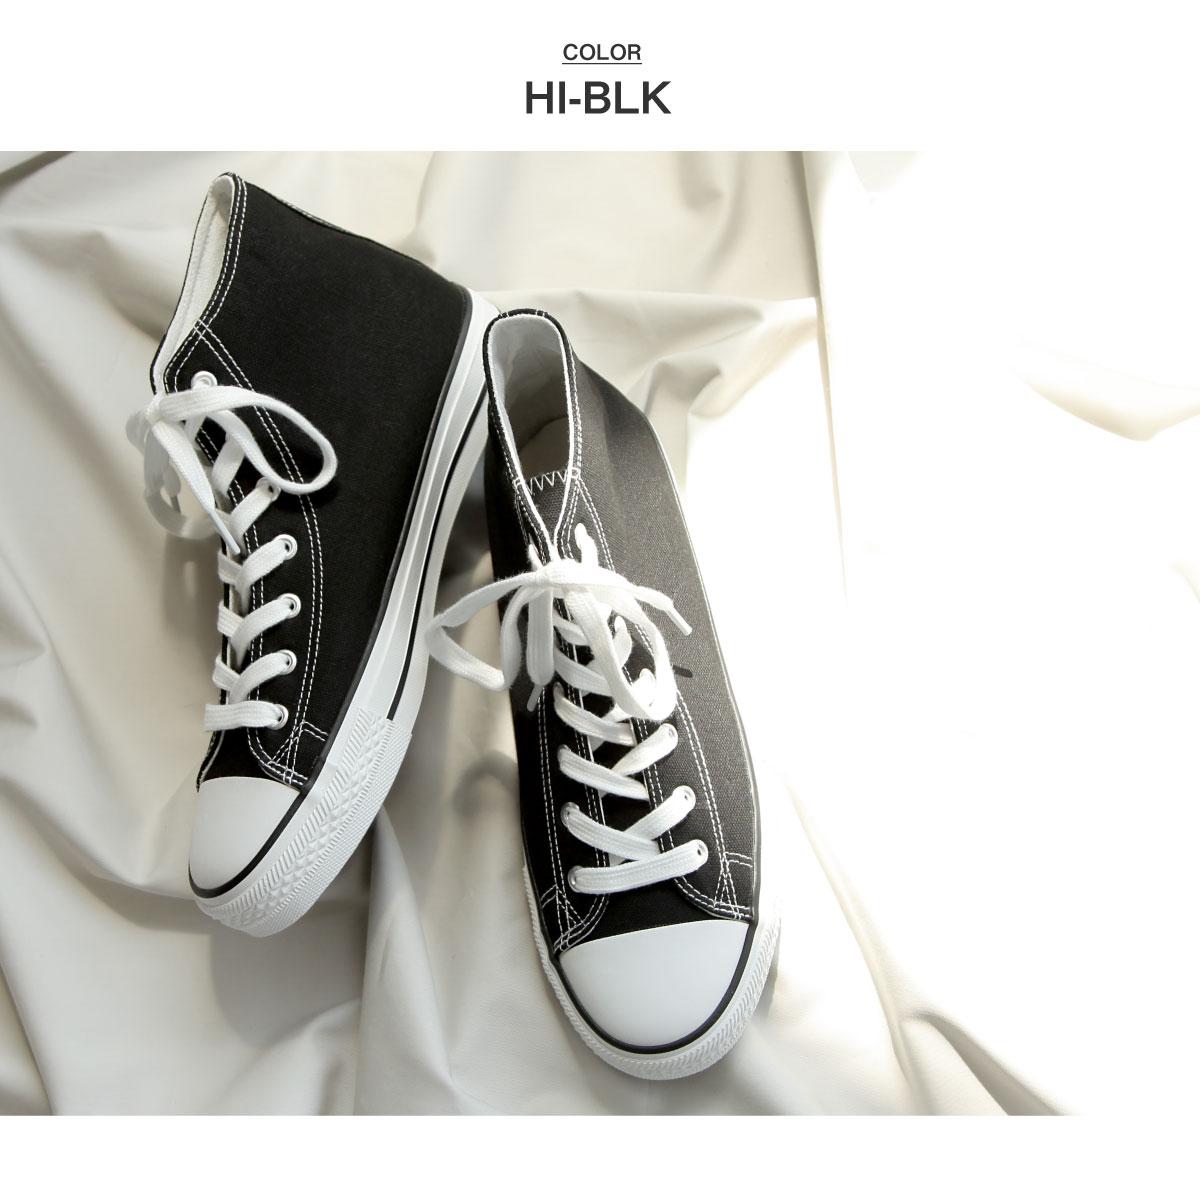 【New】ZIP FIVE絨革高筒布鞋 1